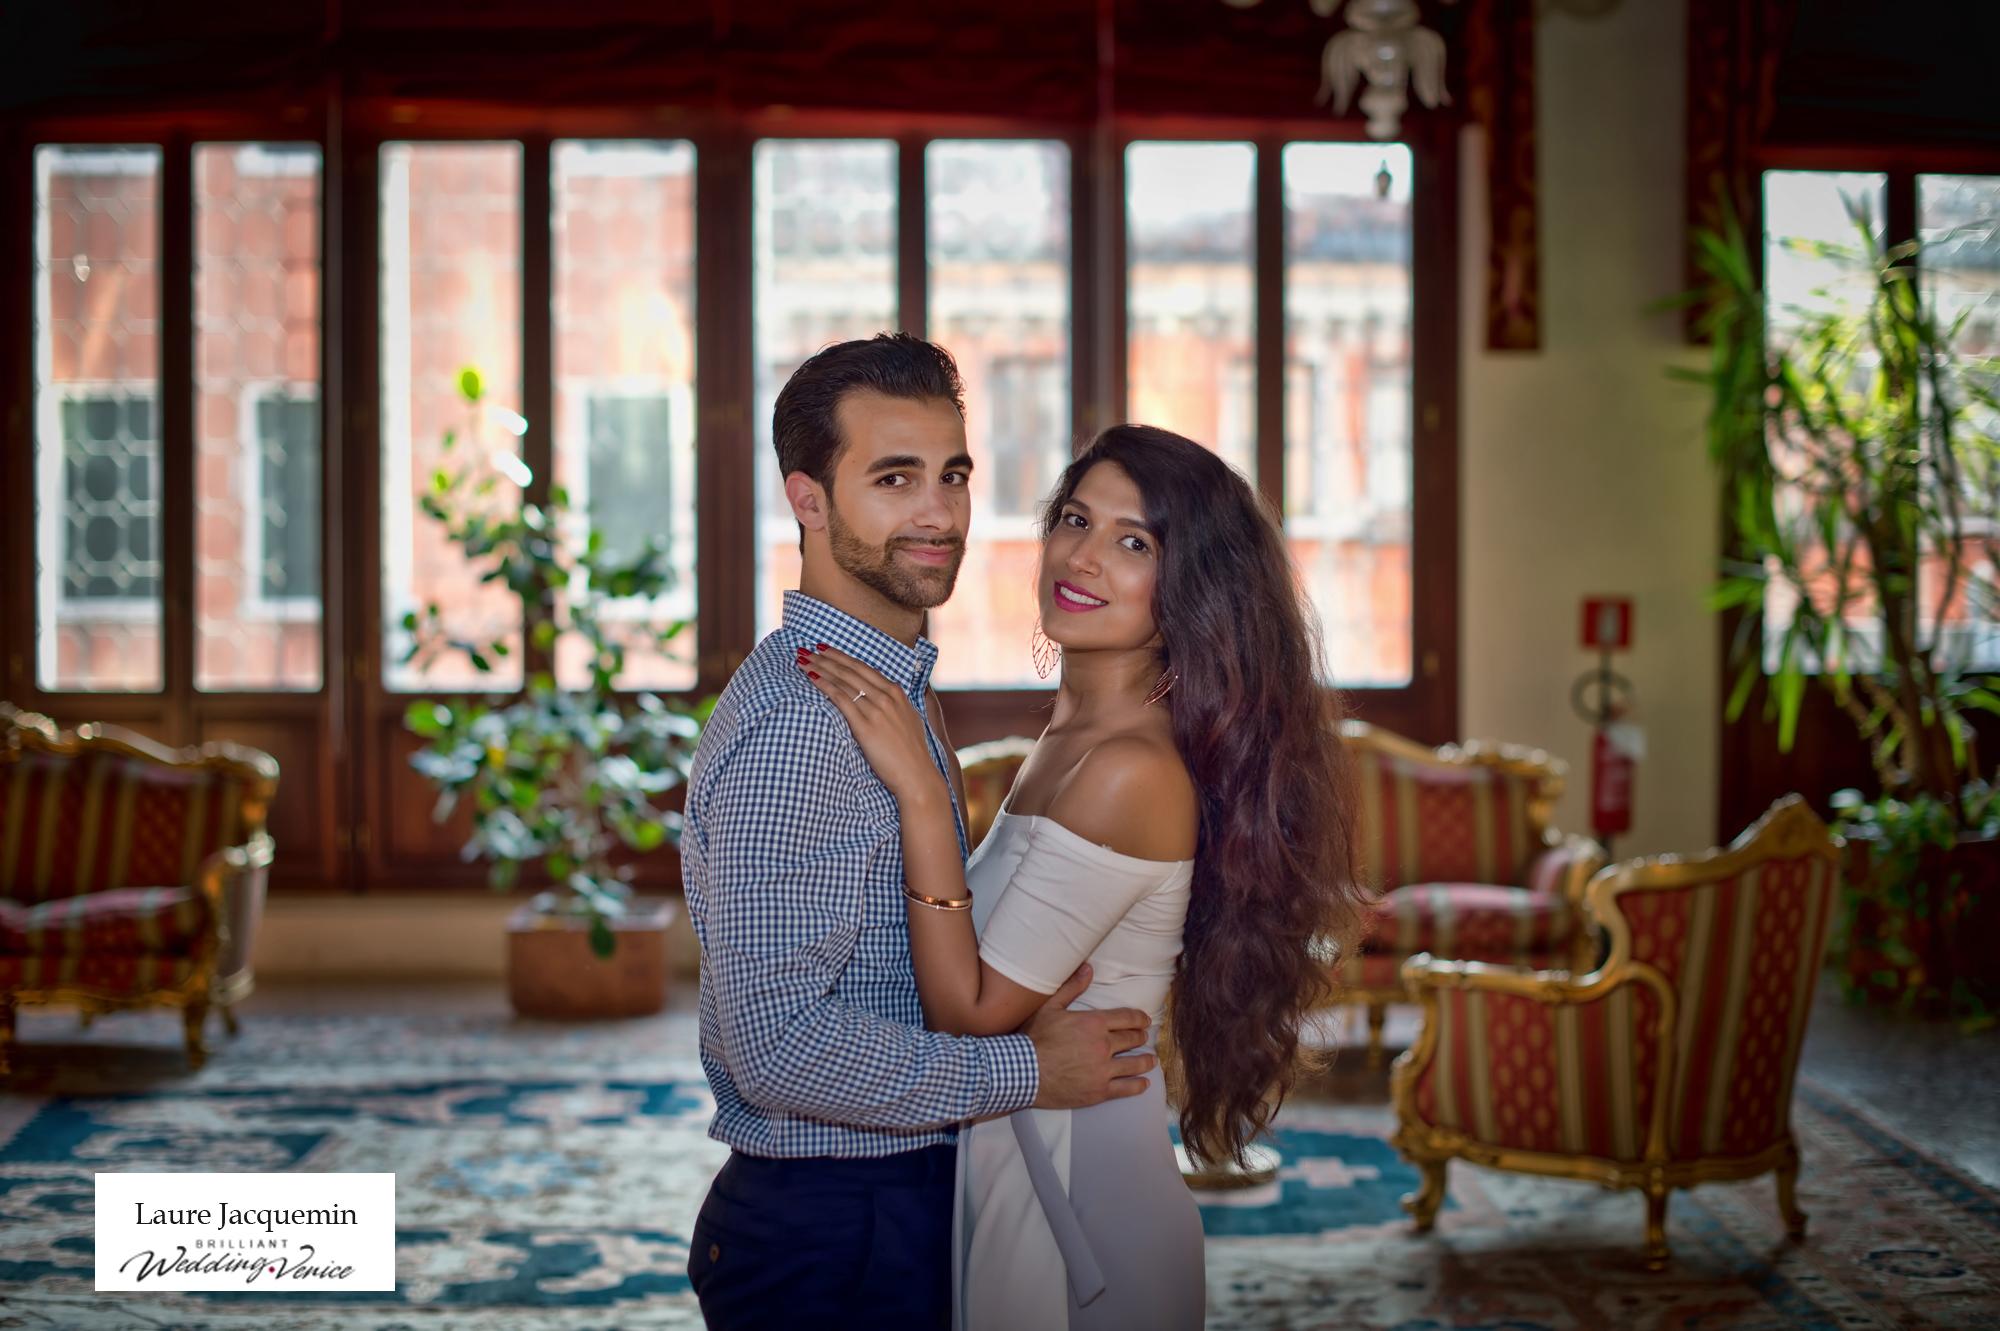 venise gondole banner fiancaille photographe demande mariage laure jacquemin (46)